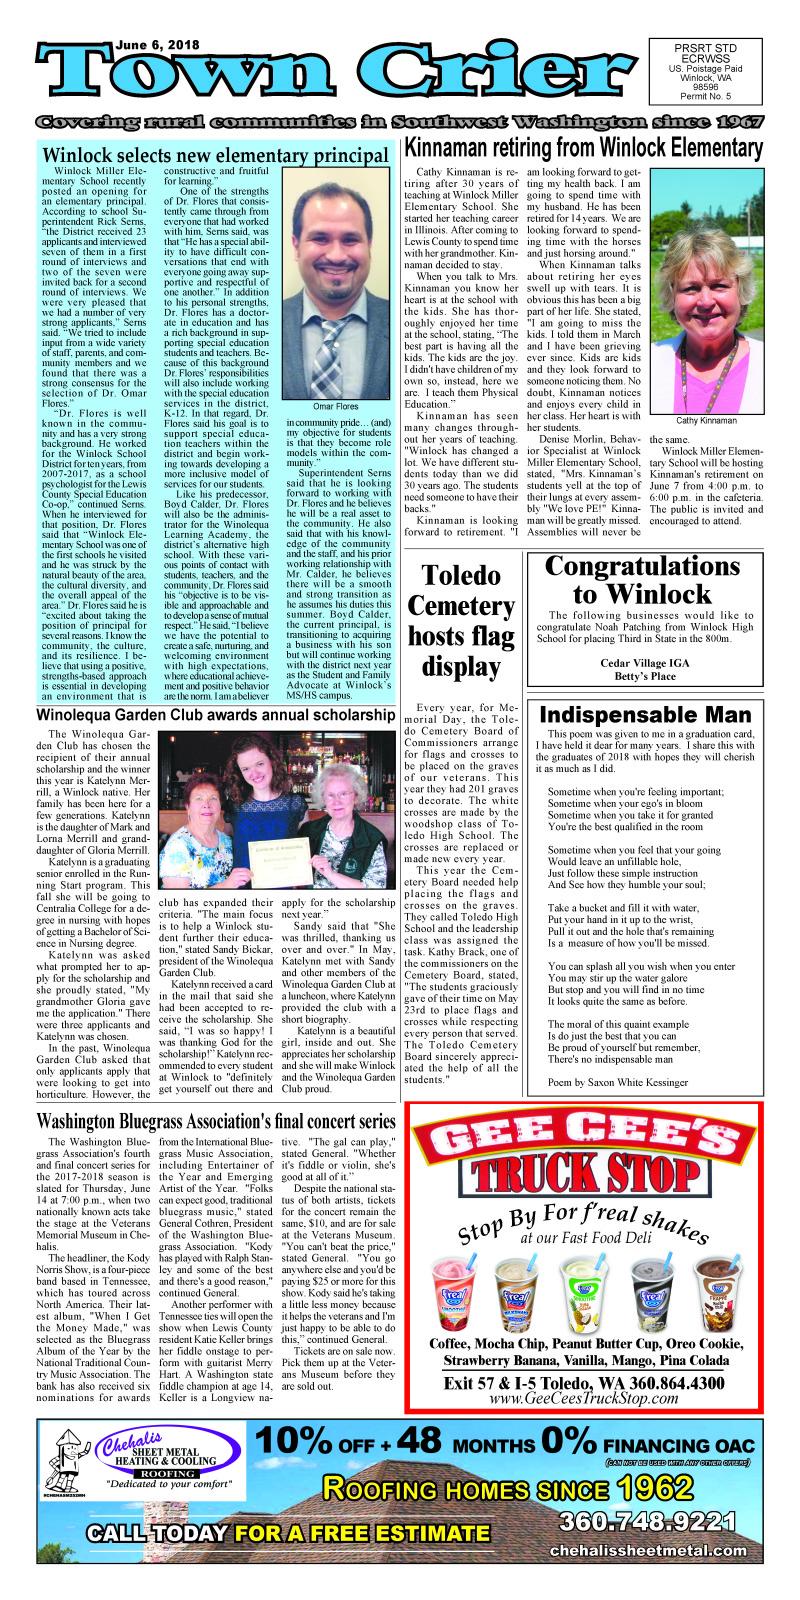 June 6, 2018 Town Crier